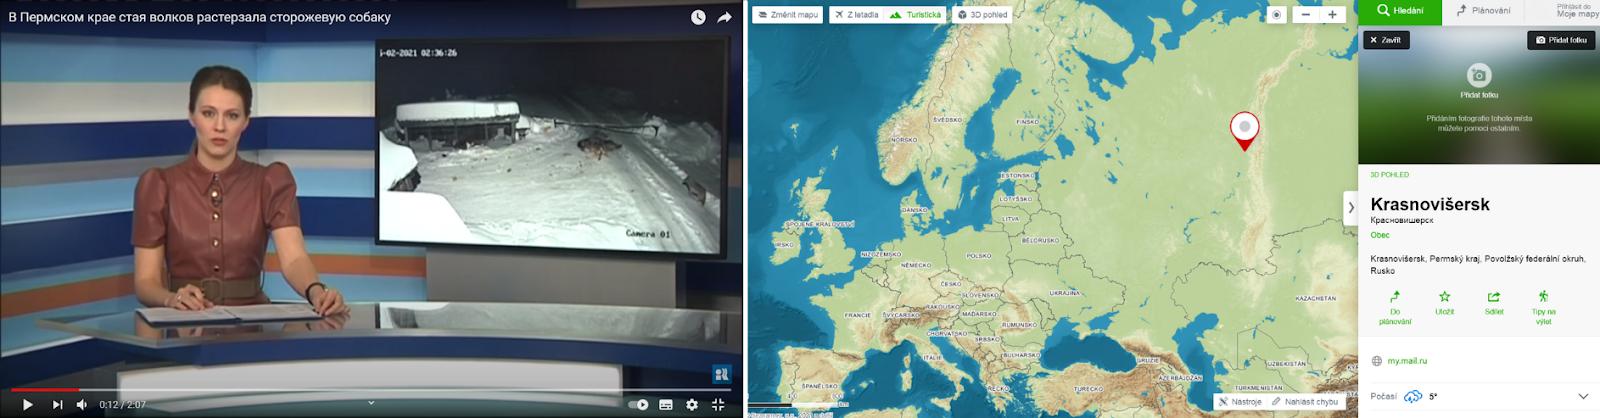 Obec Krasnovišersk, z níž video dle RifeyTV pochází leží v Permském kraji na východě evropské části Ruska